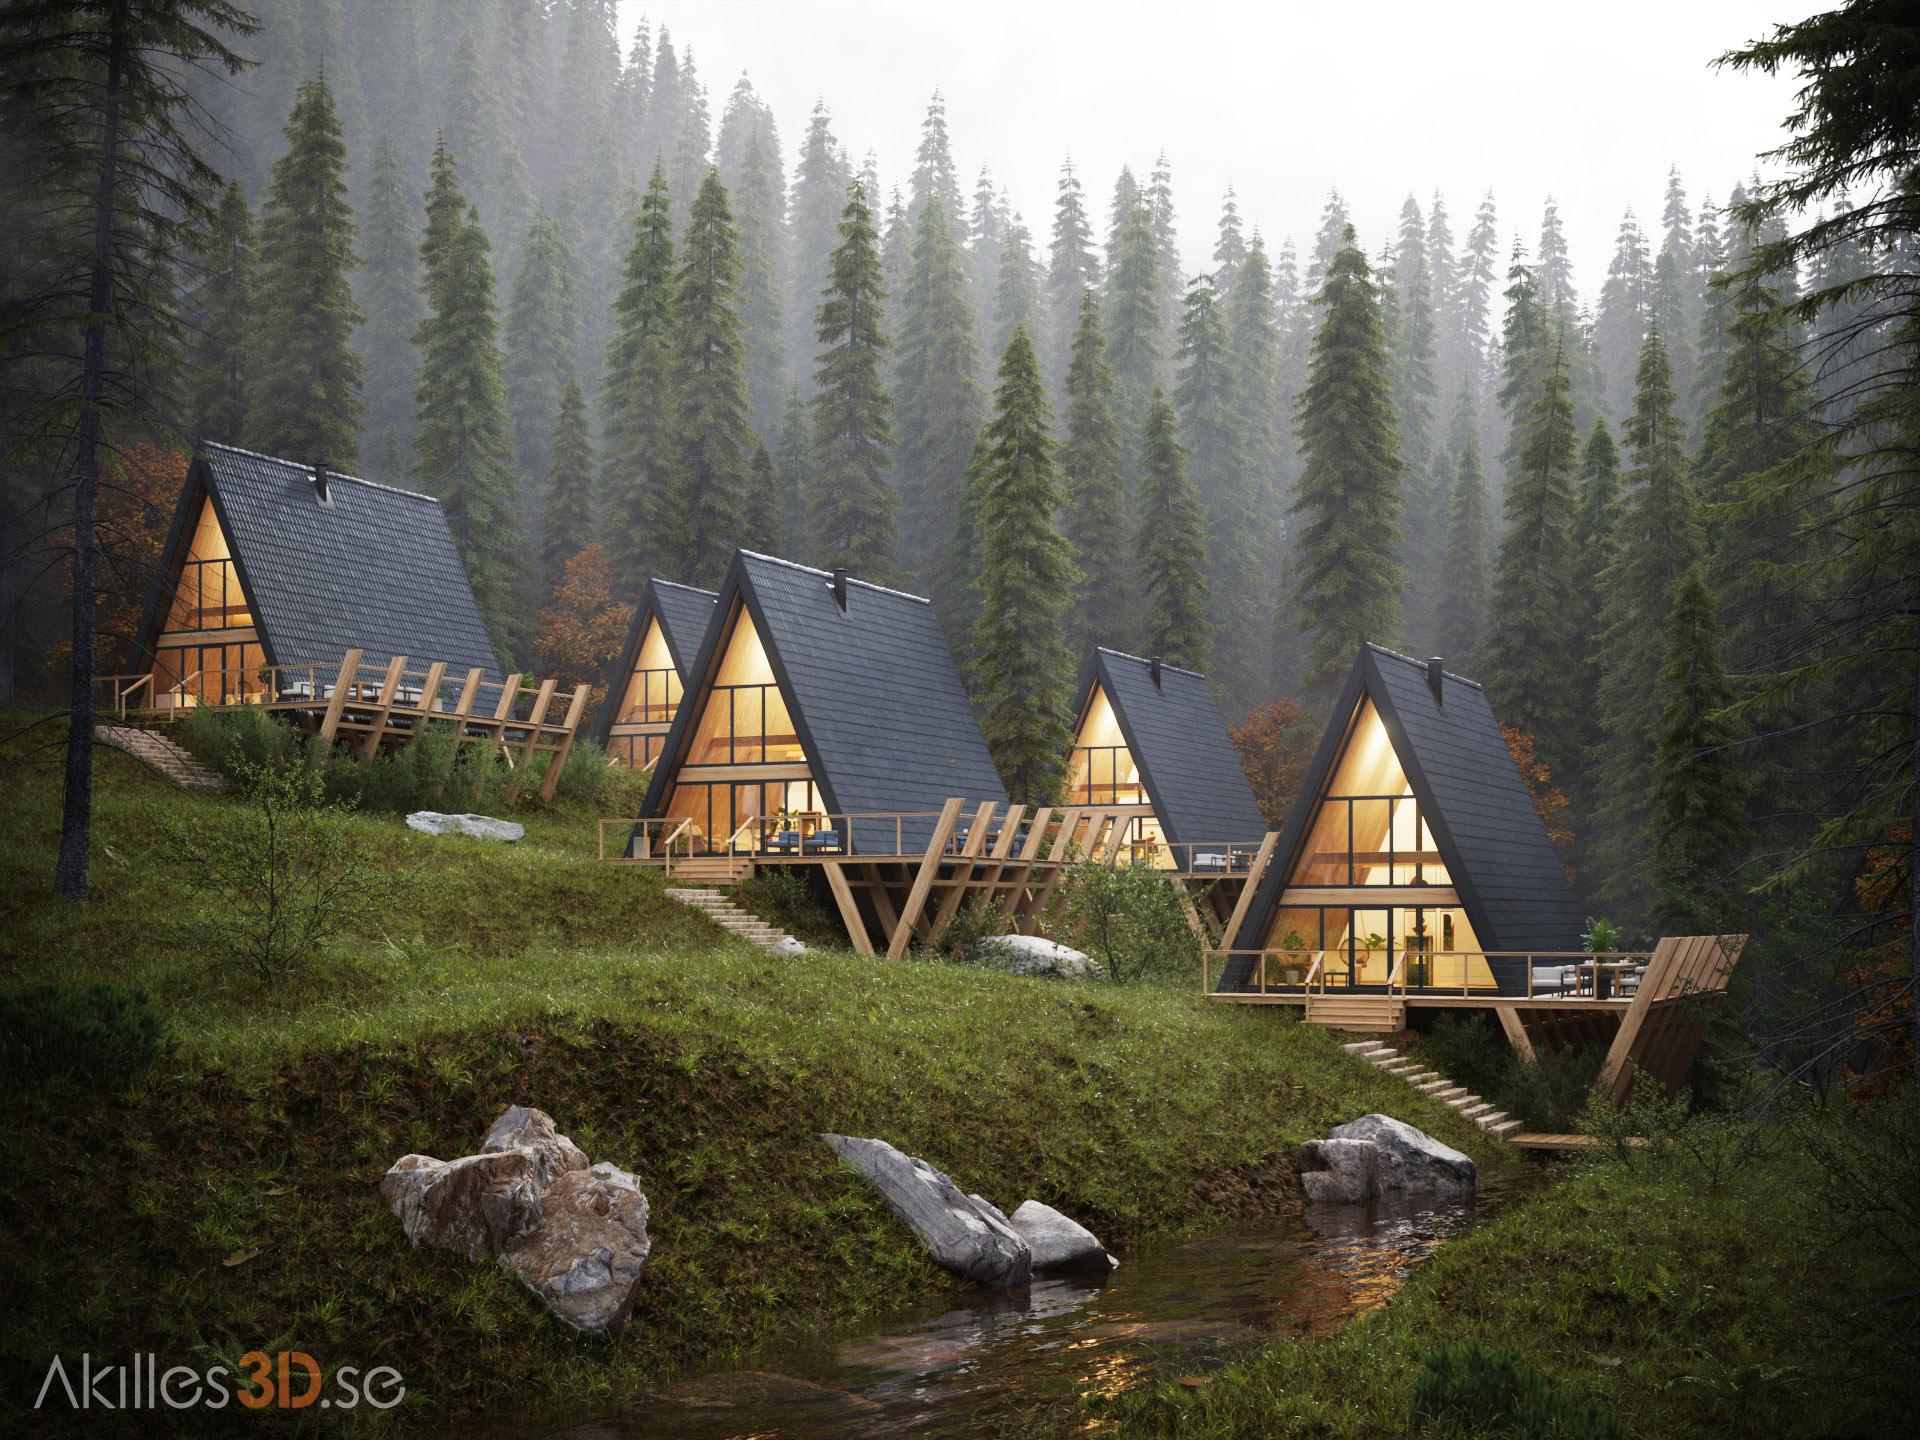 Fotorealistiska 3D-bilder av byggnader, inomhus- och utomhusmiljöer. Arkitekturvisualisering interiört och exteriört